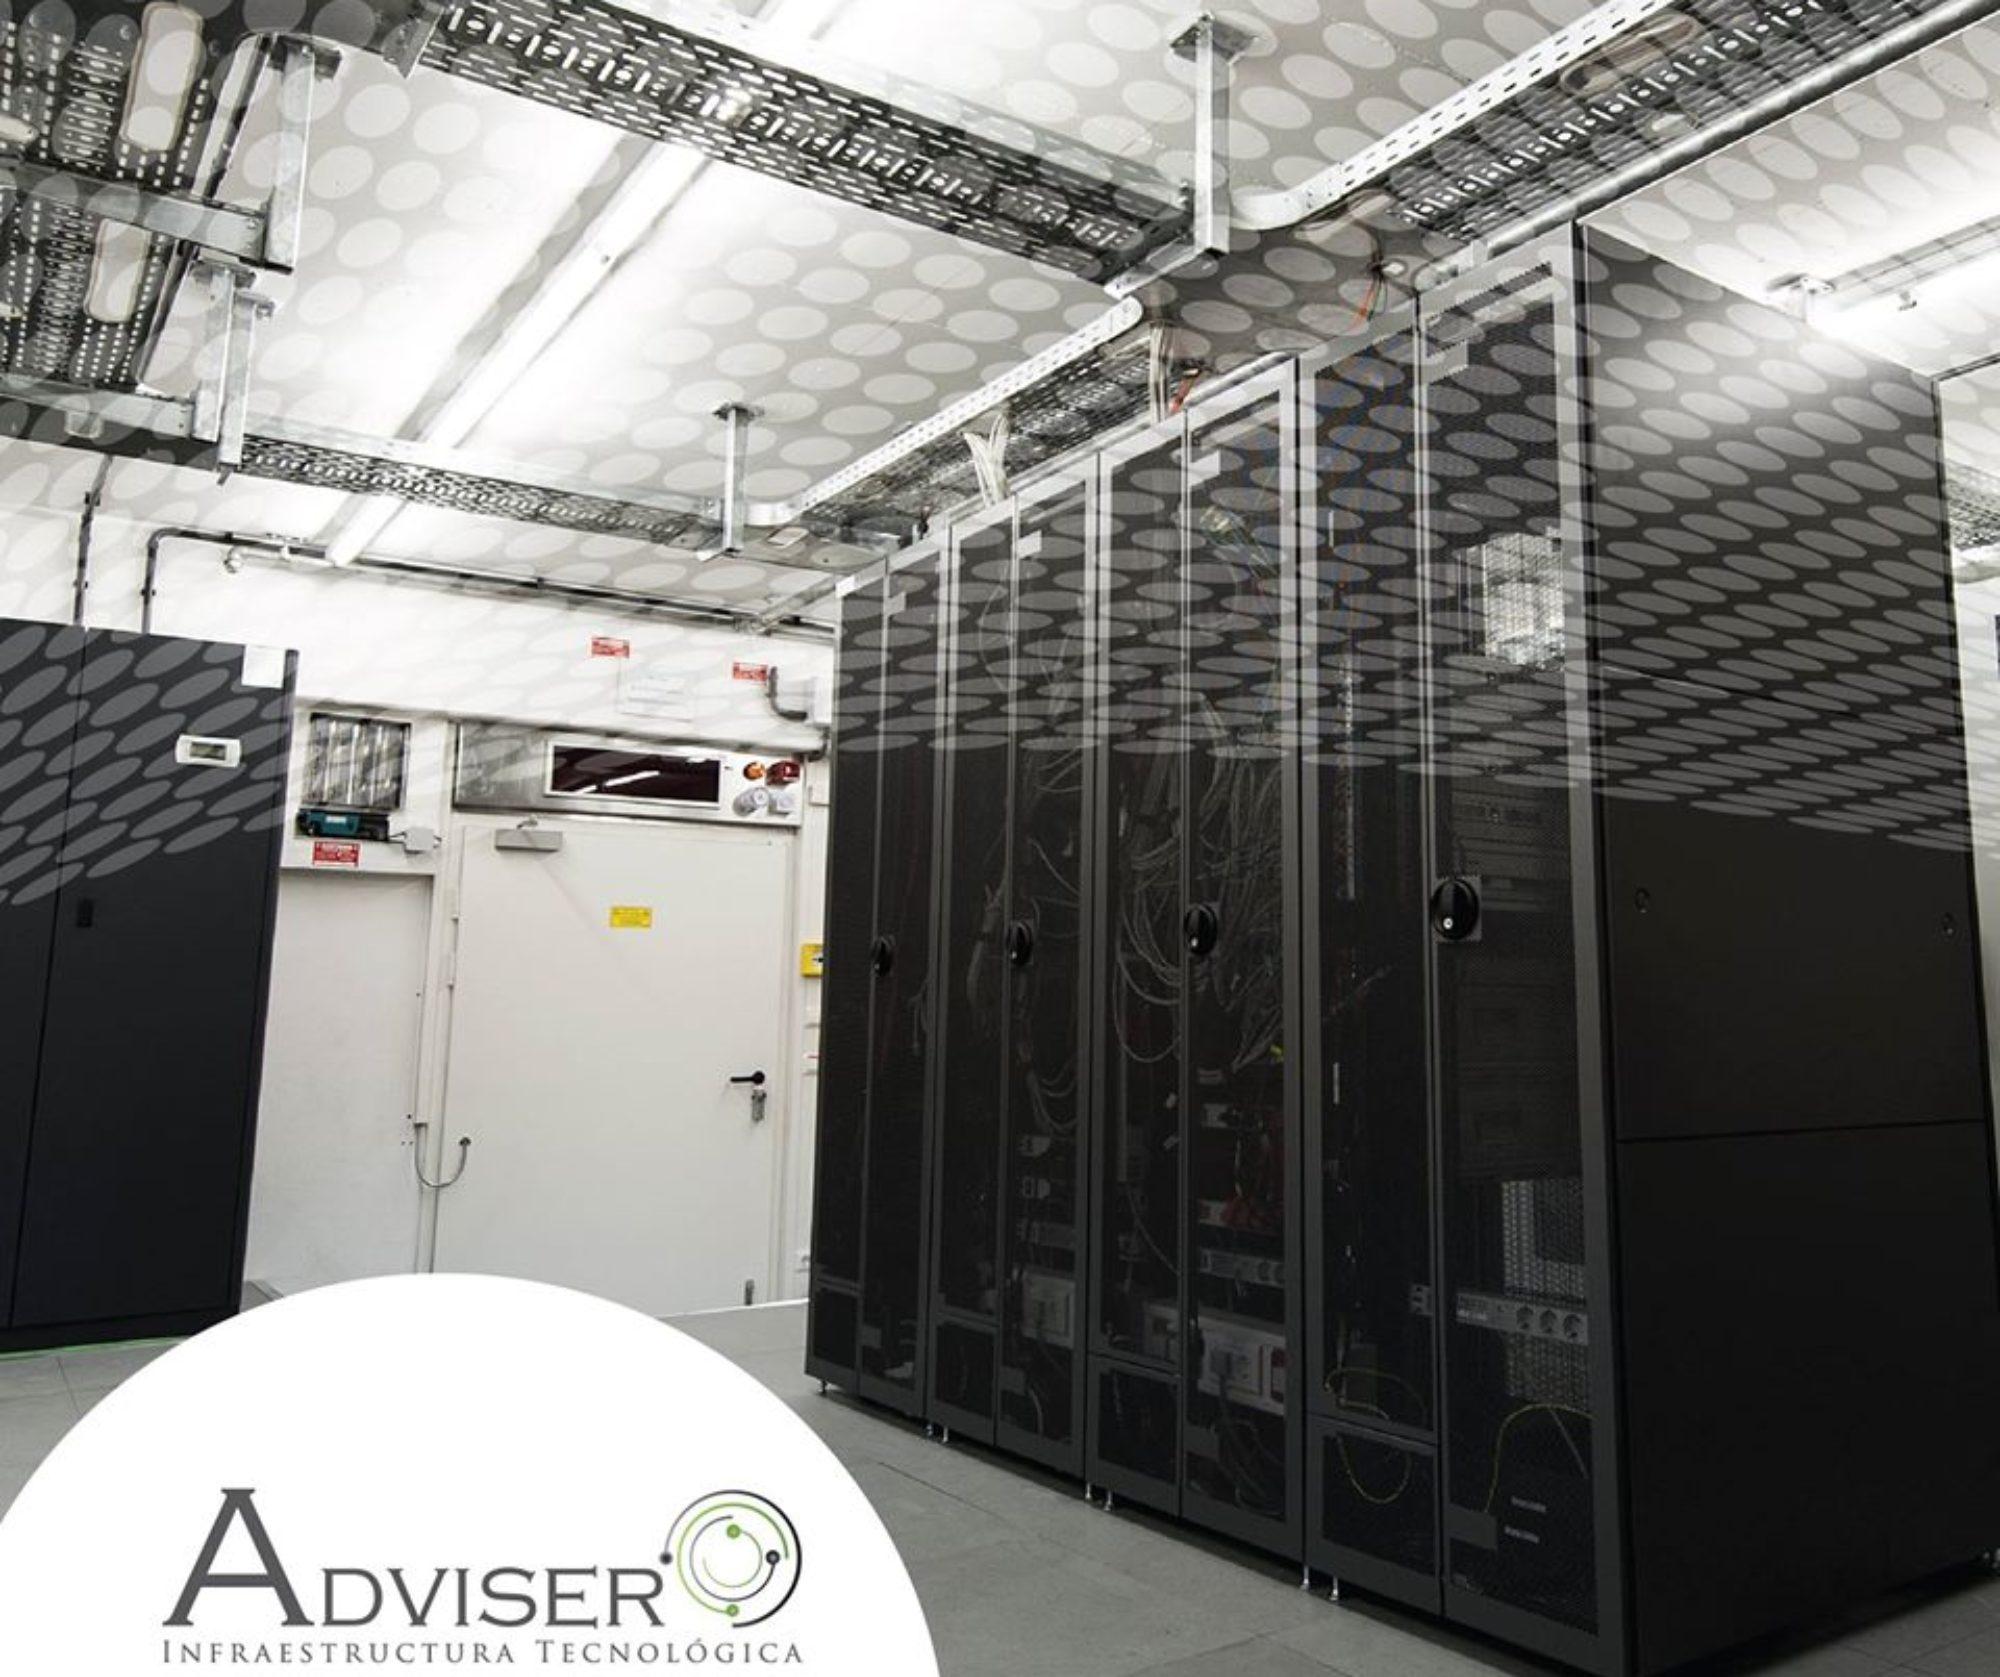 IT Adviser Blog